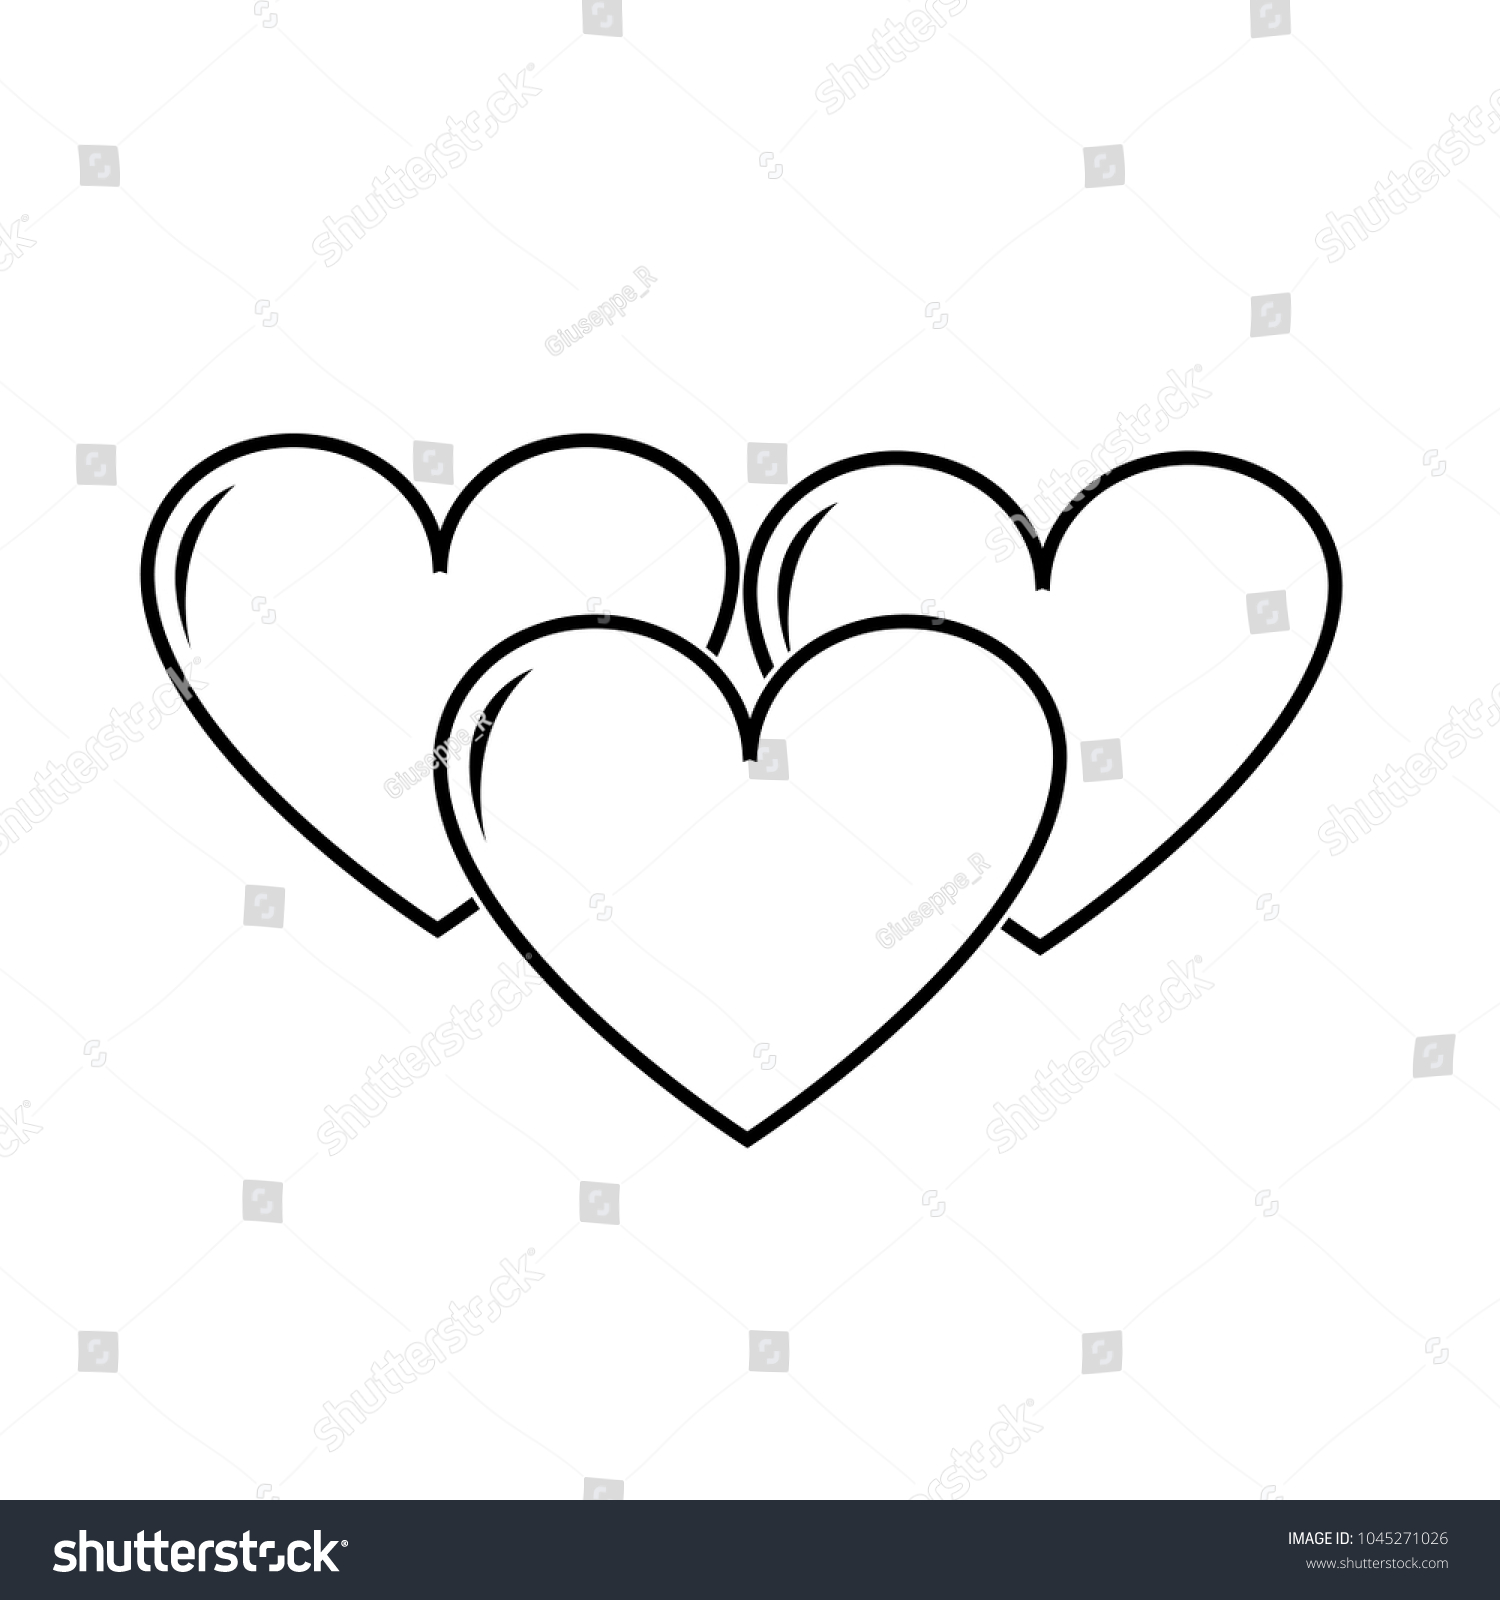 Line Hearts Love Symbol Passion Design Stock Vector 1045271026